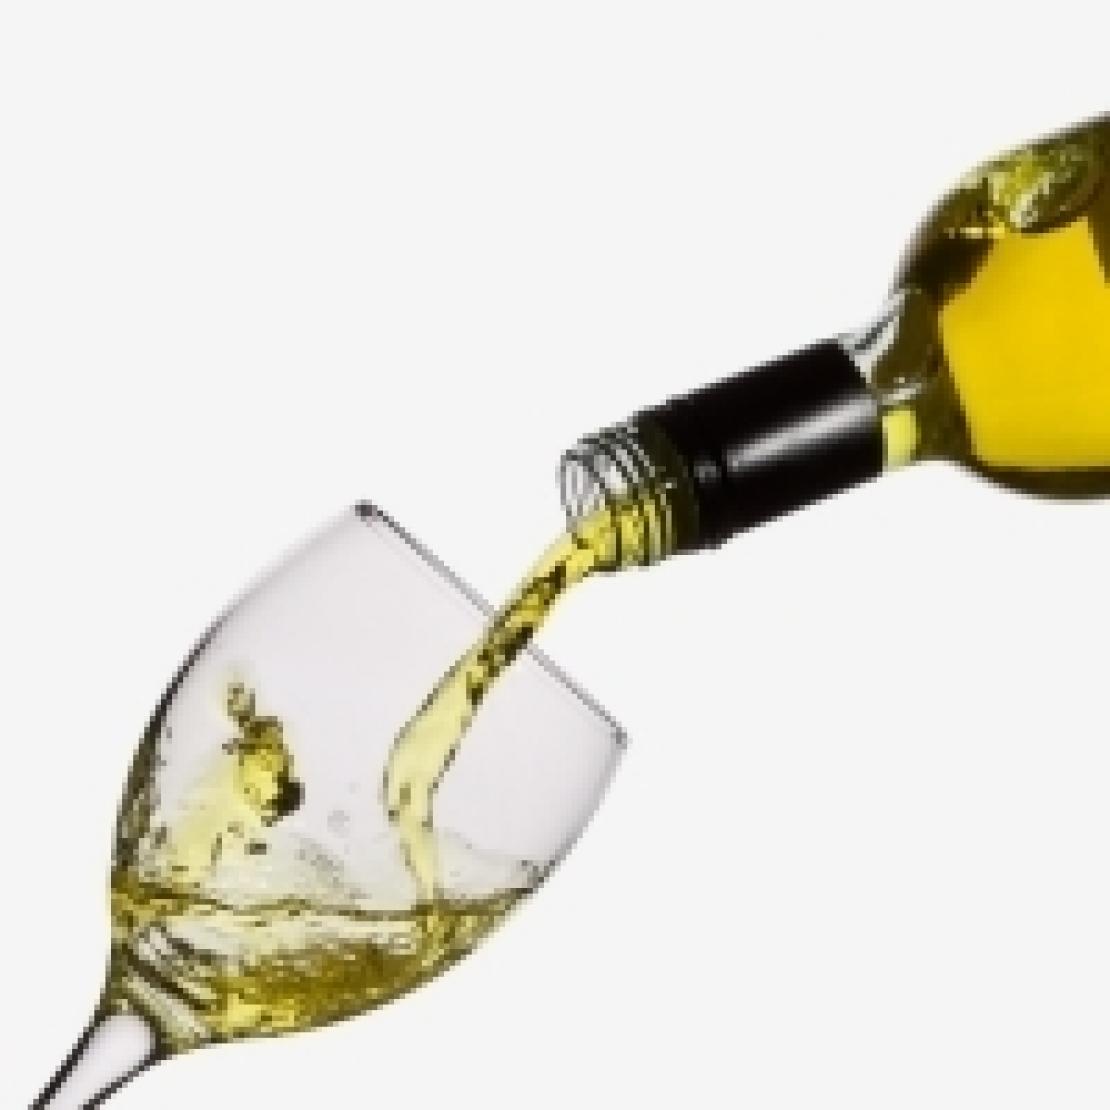 Vini bianchi, Doc e spumanti preferiti dagli italiani